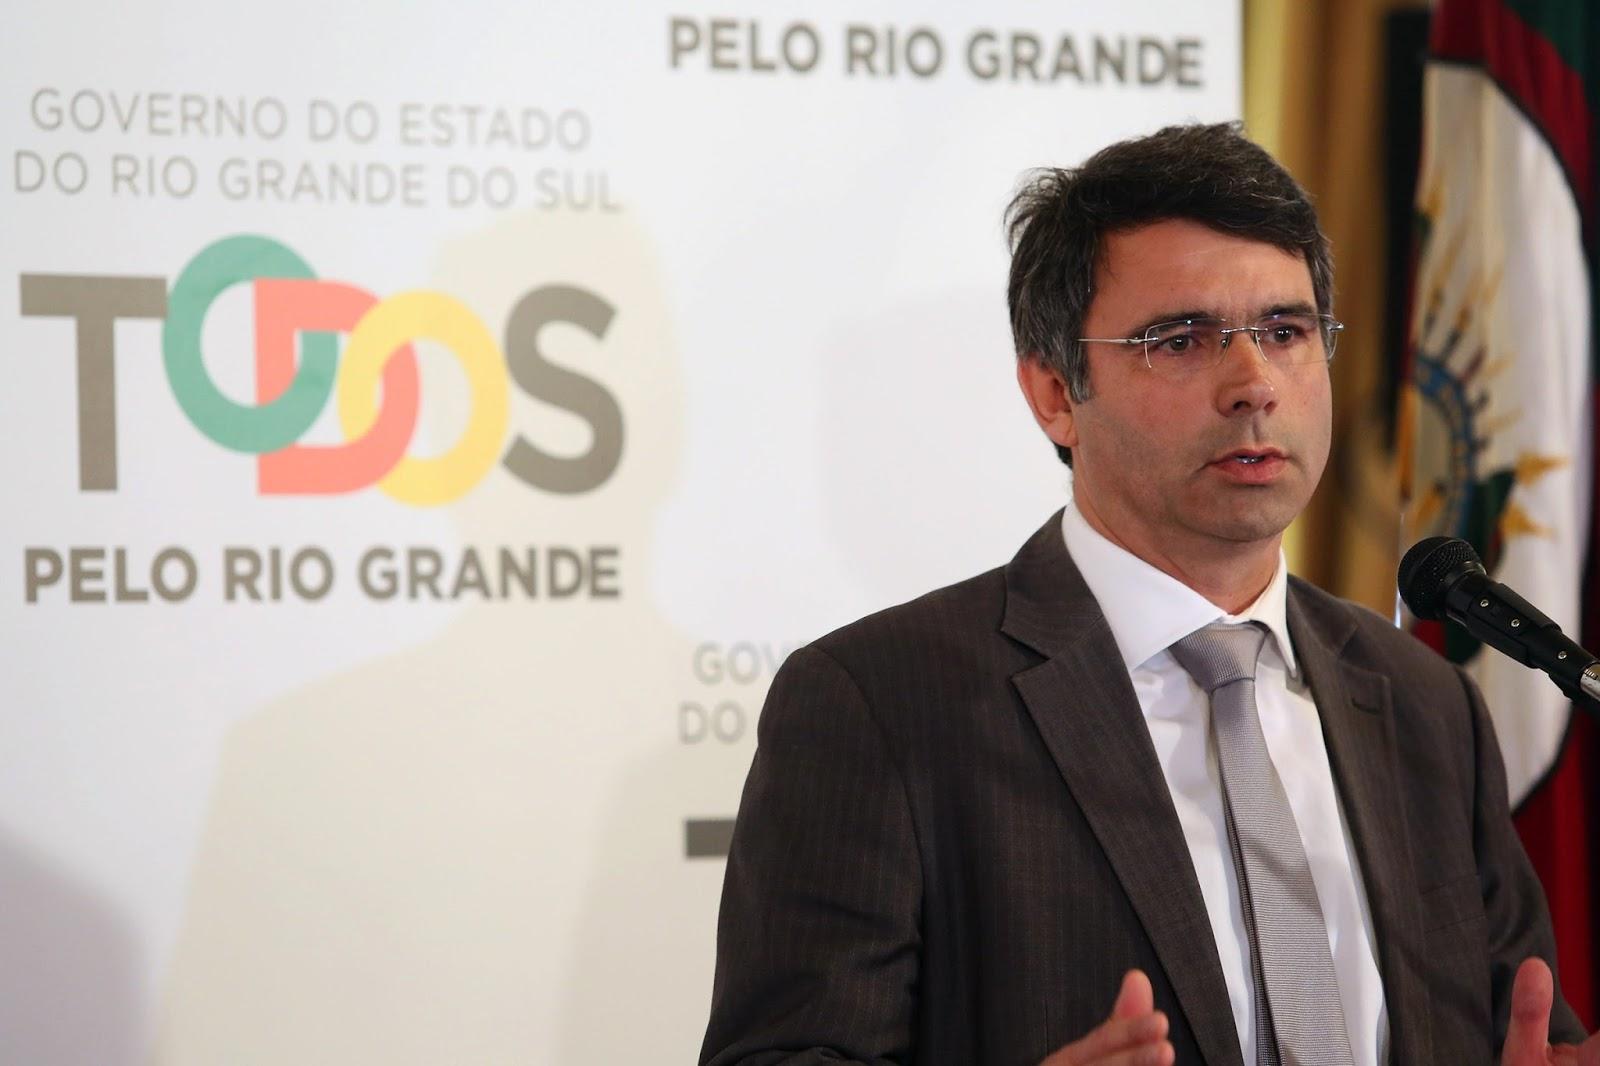 """""""A adesão ao regime é o único caminho que o Rio Grande do Sul tem para ter o mínimo de governabilidade nos próximos anos"""", disse Branco. / Karine Viana/Palácio Piratini"""